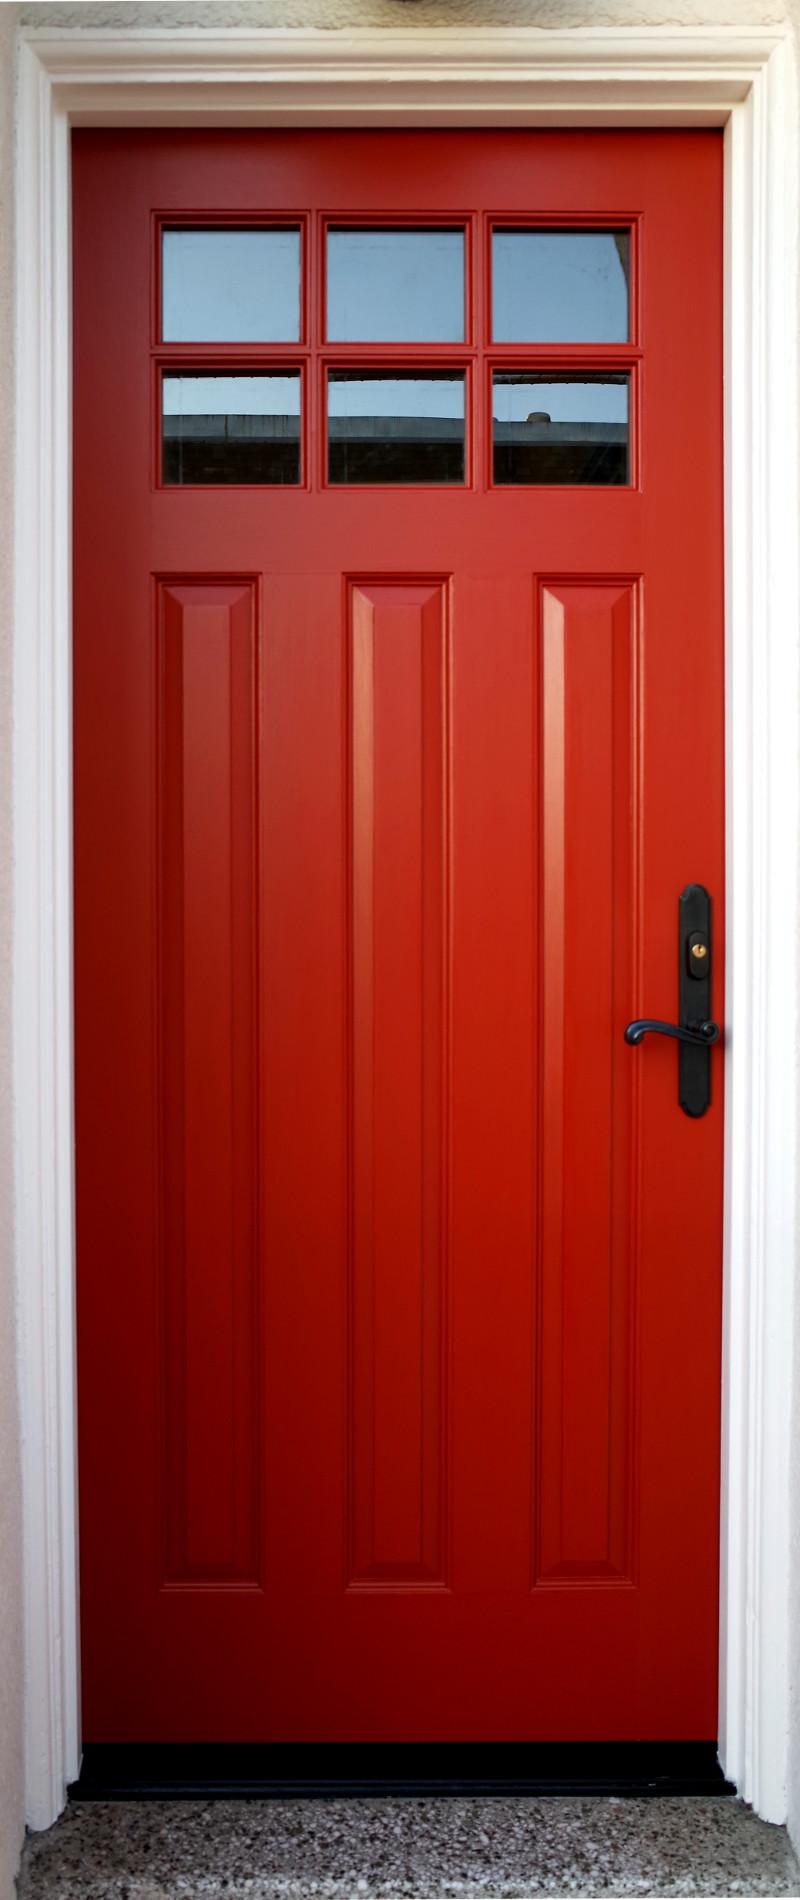 A New Door Justinsomnia